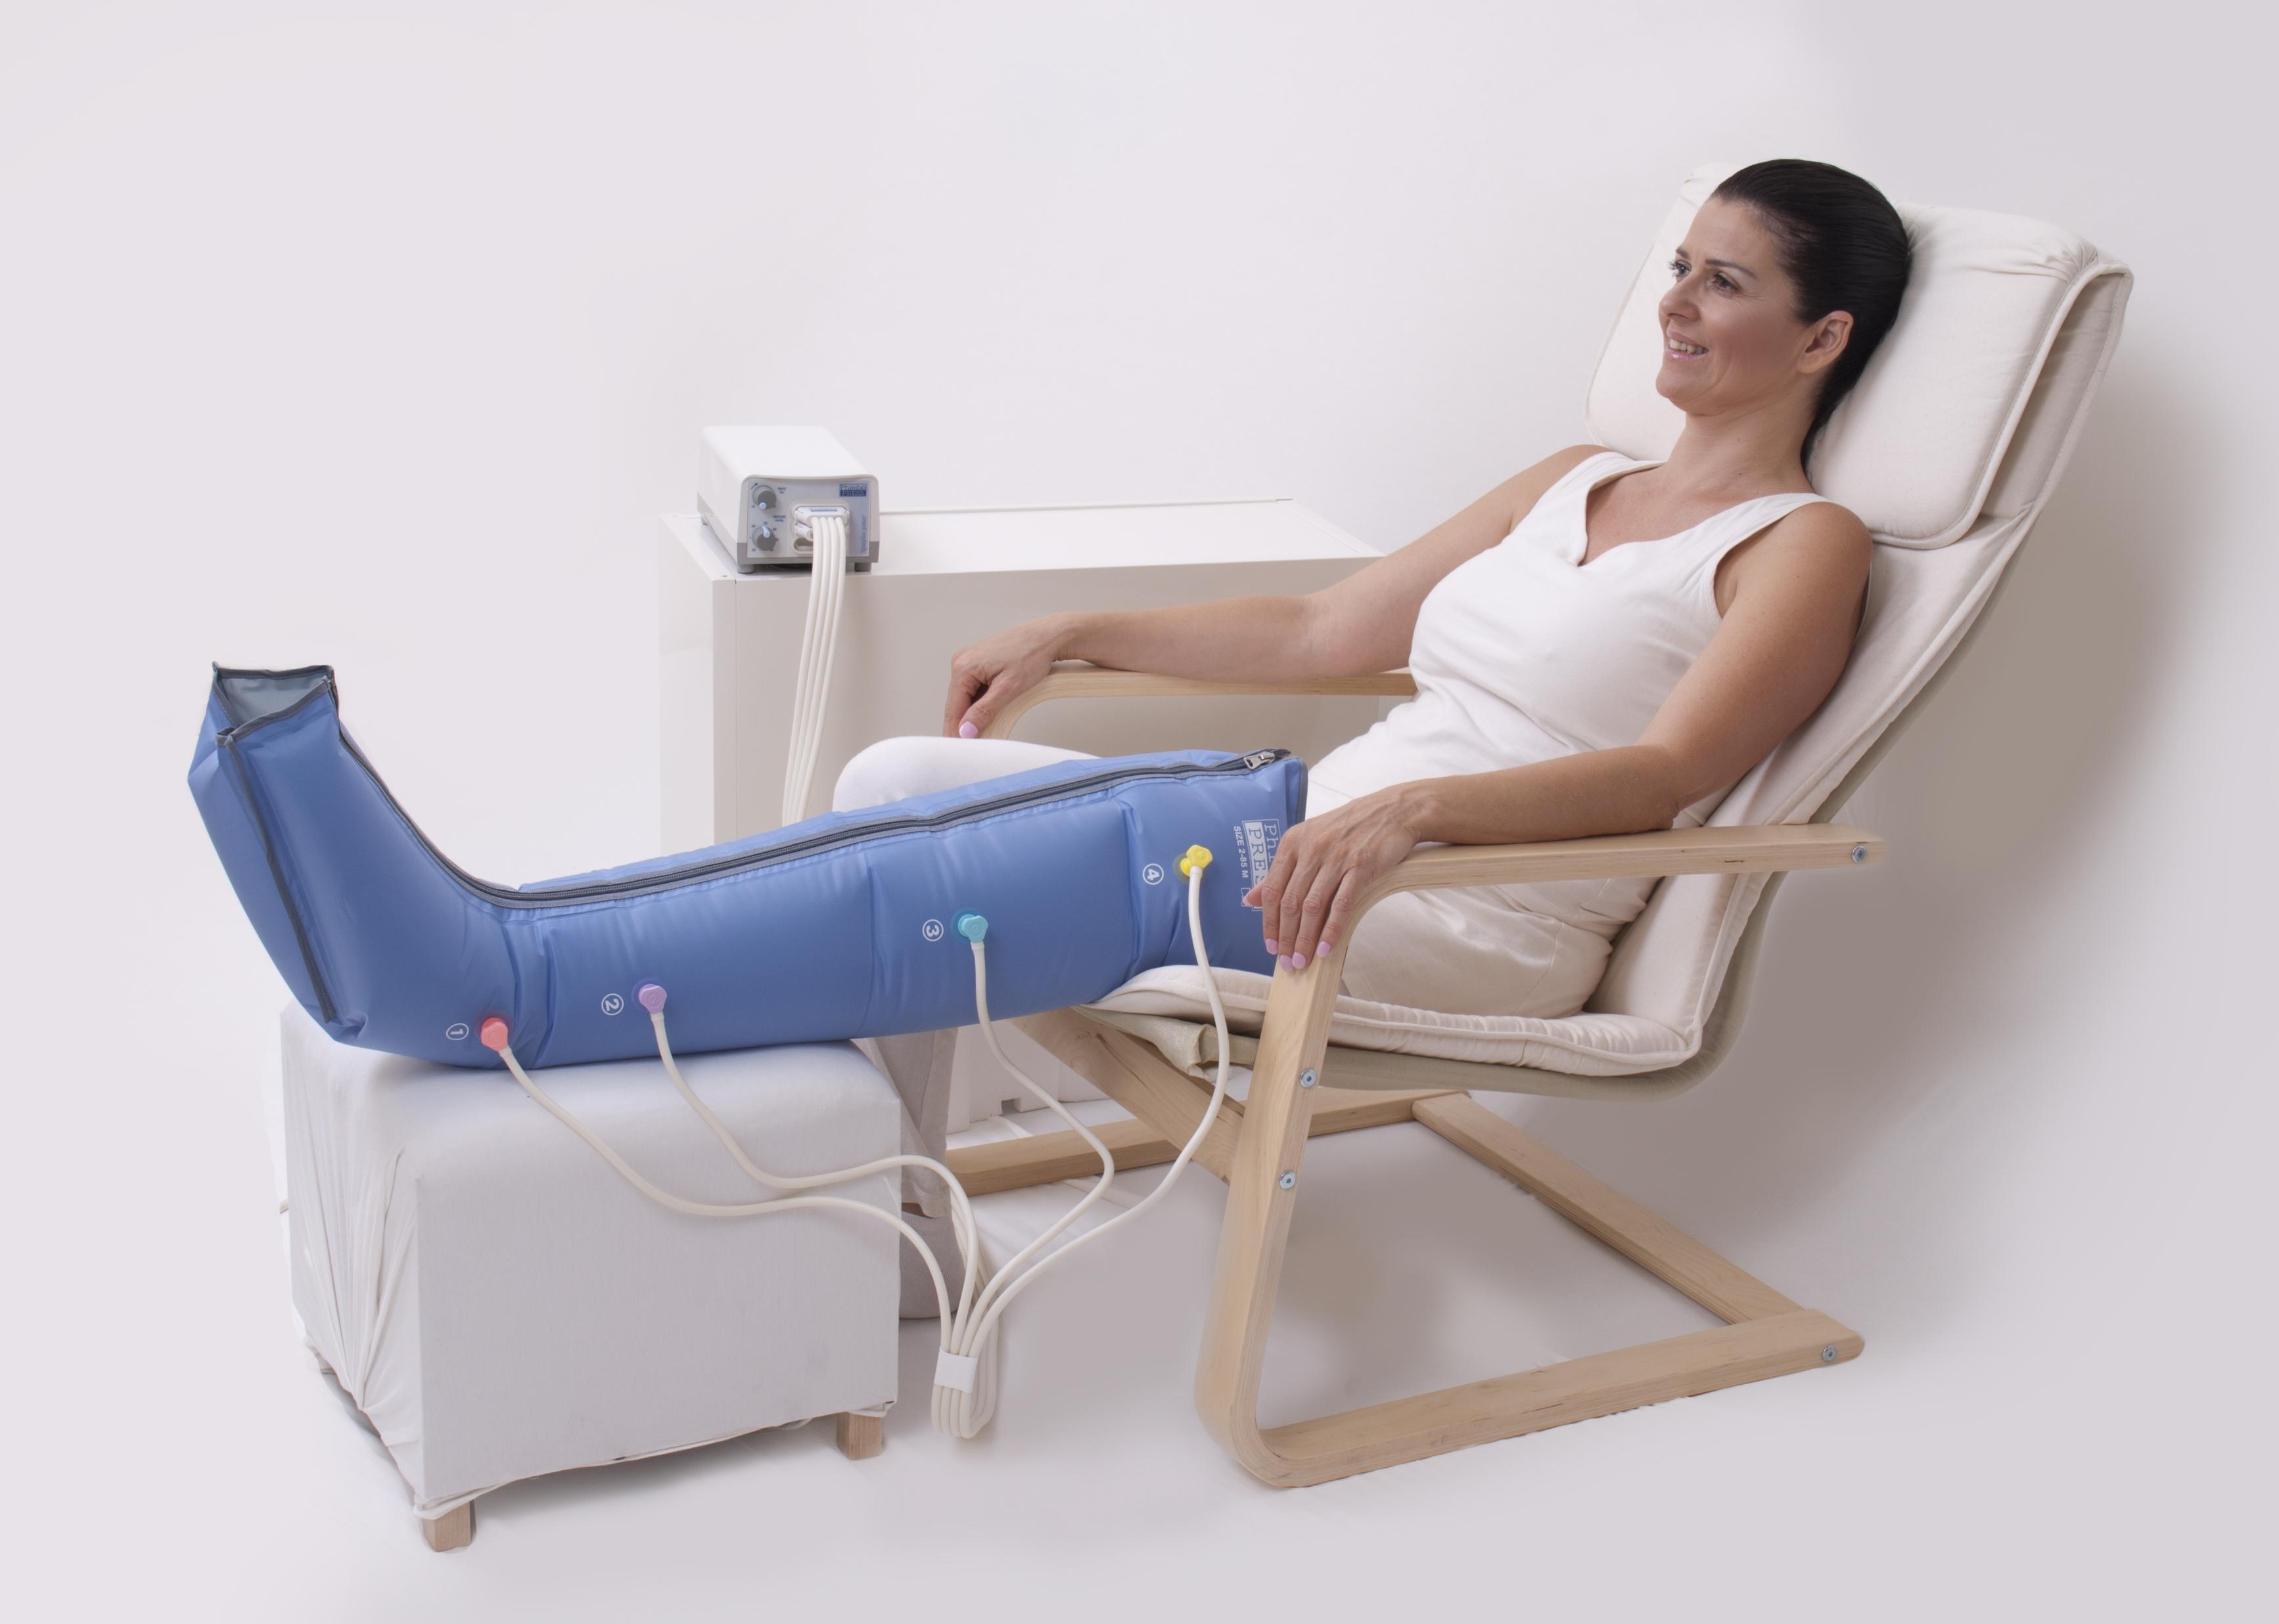 Как работают лимфодренажные аппараты? Какую они приносят пользу?